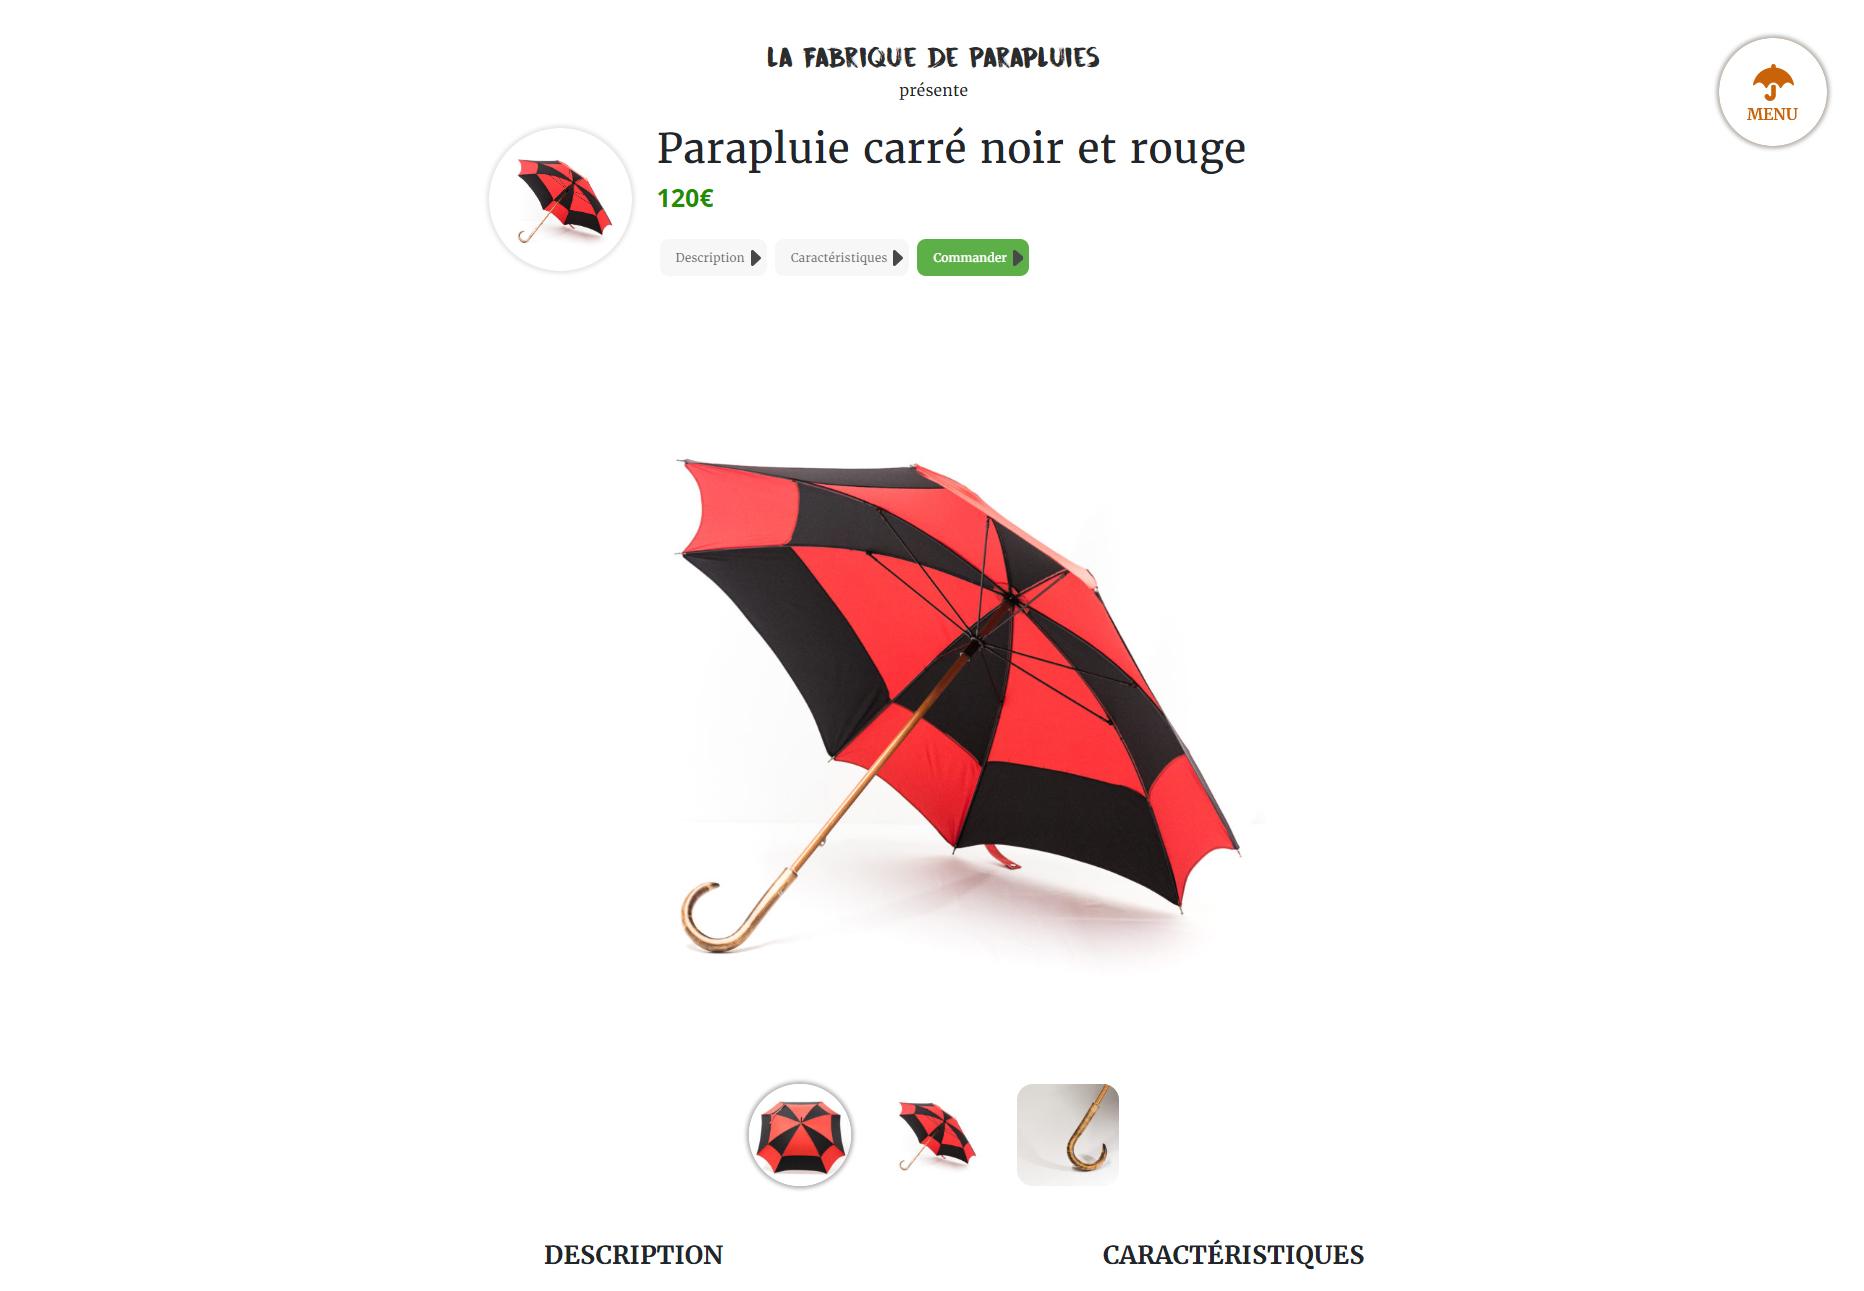 creation-de-site-internet-responsive-pour-la-fabrique-de-parapluie-par-infographiste-poitiers-6